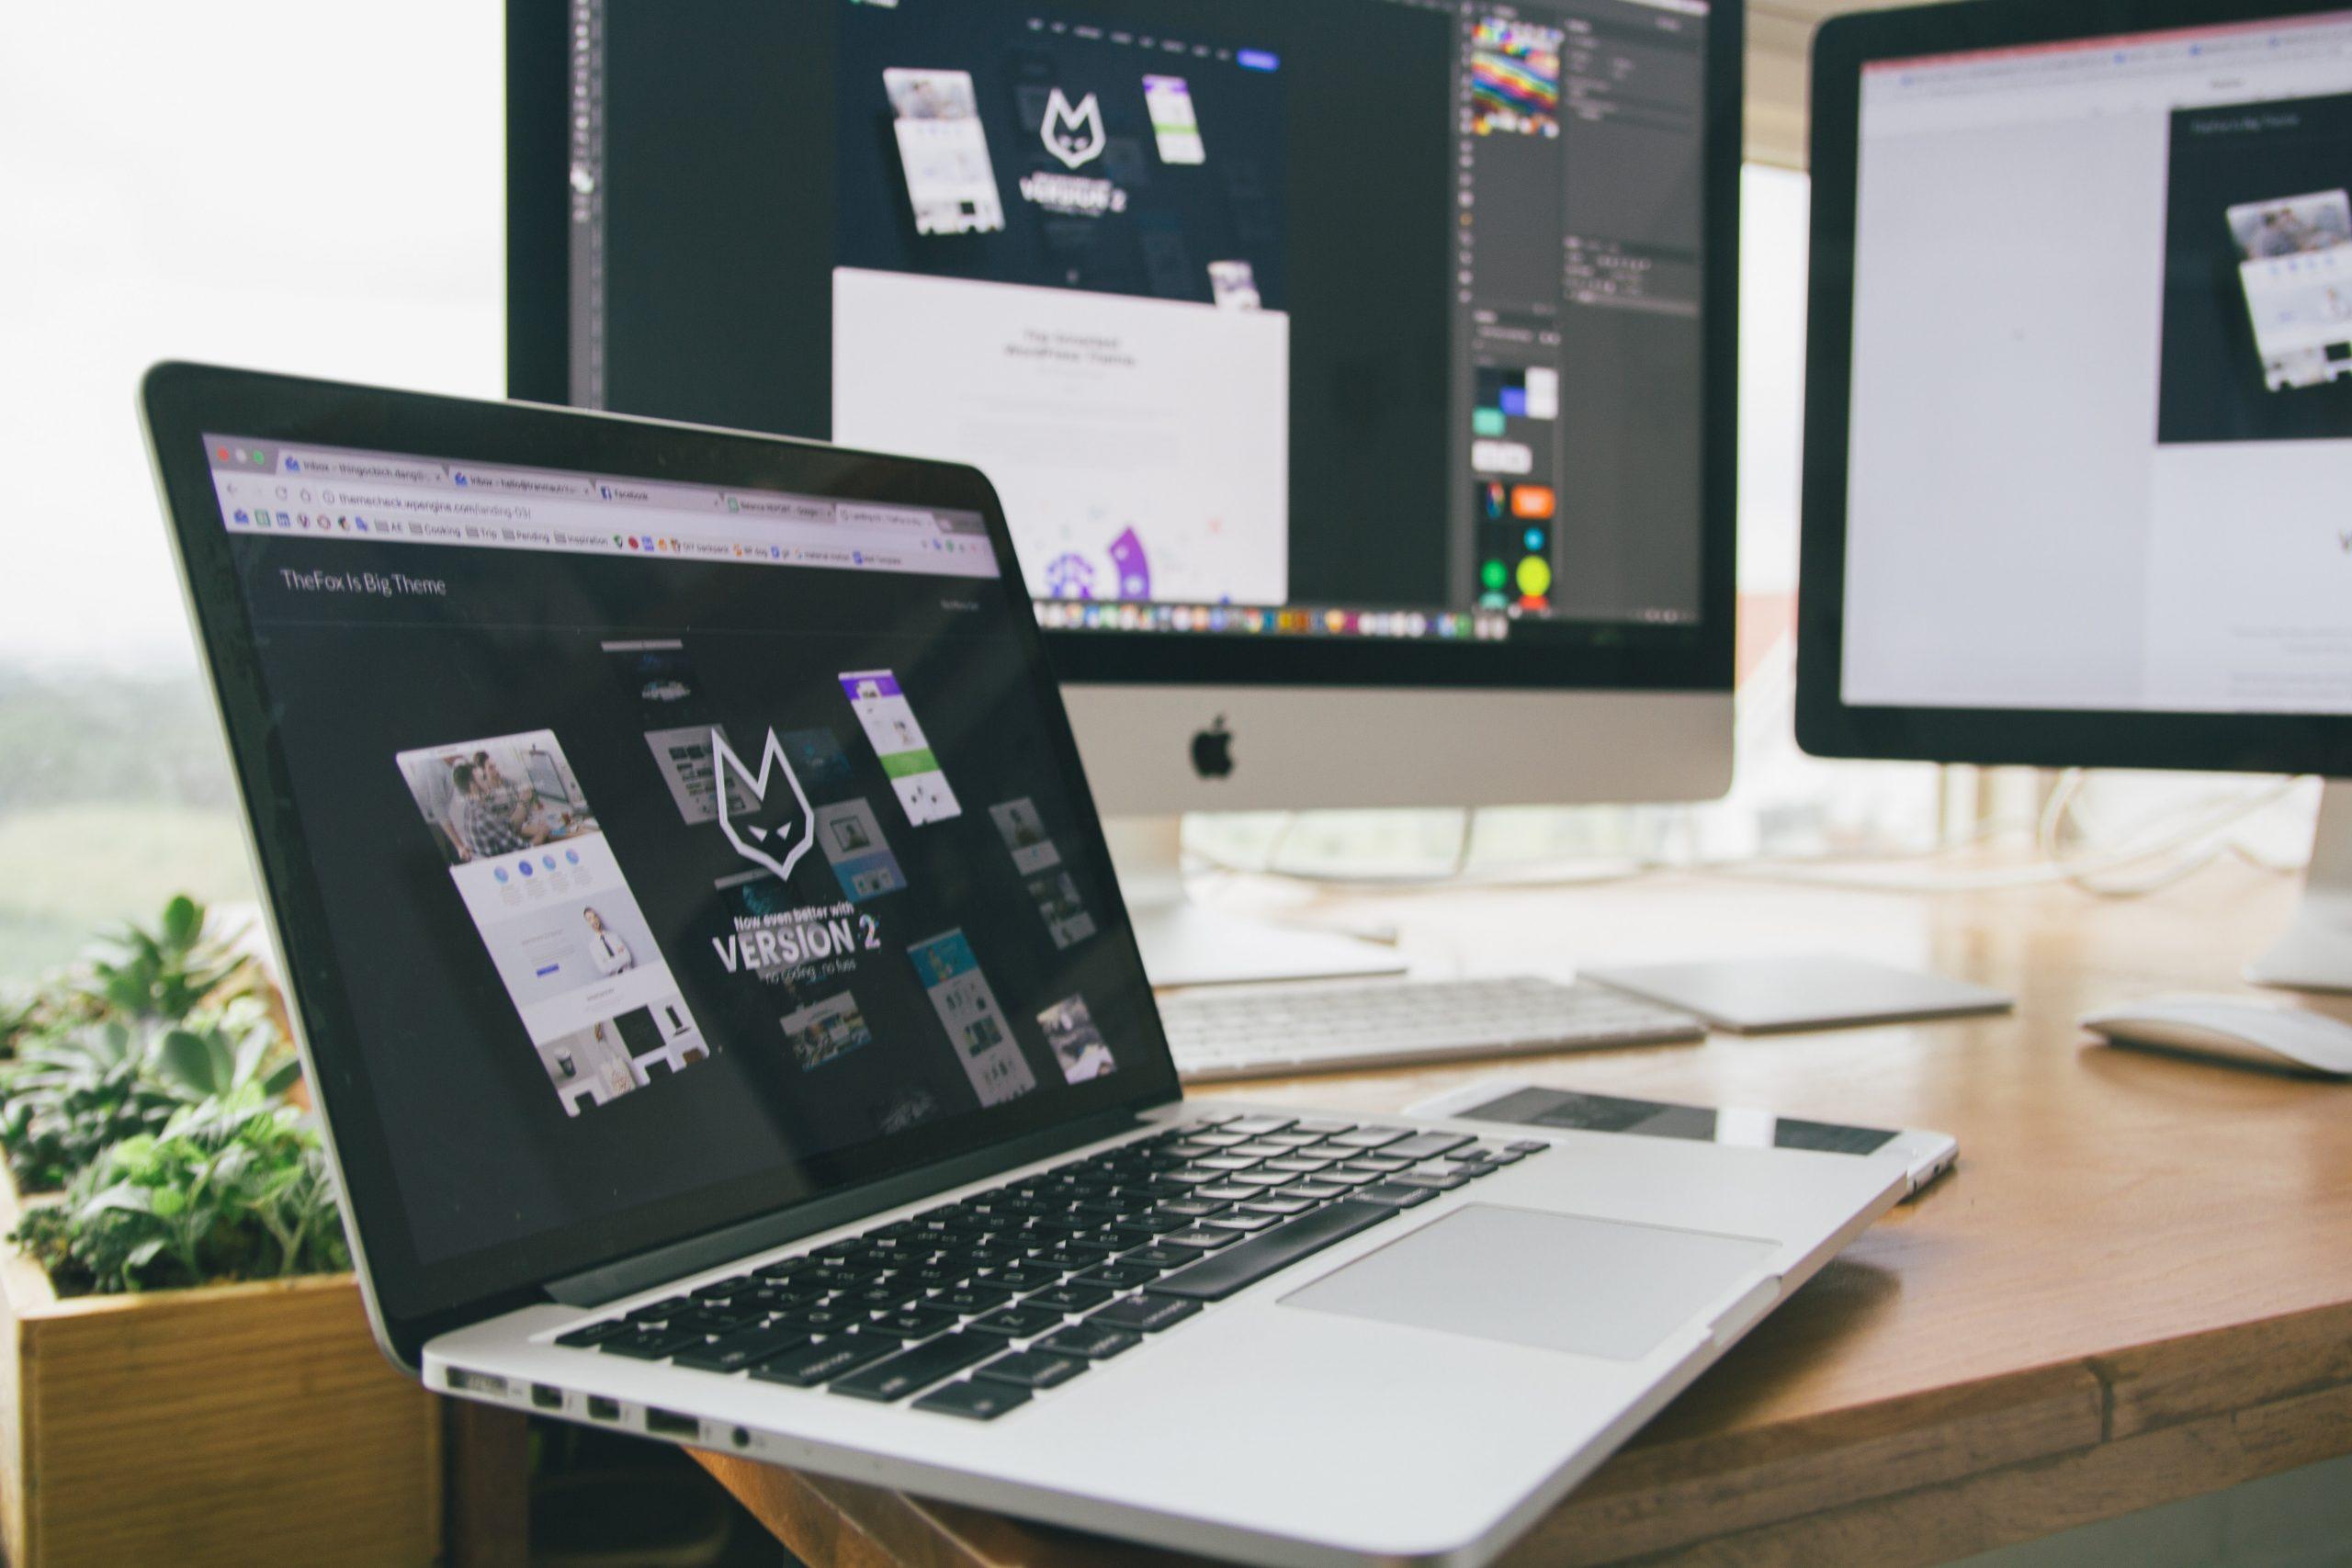 Imagem mostra monitores lado a lado com imagens similares.